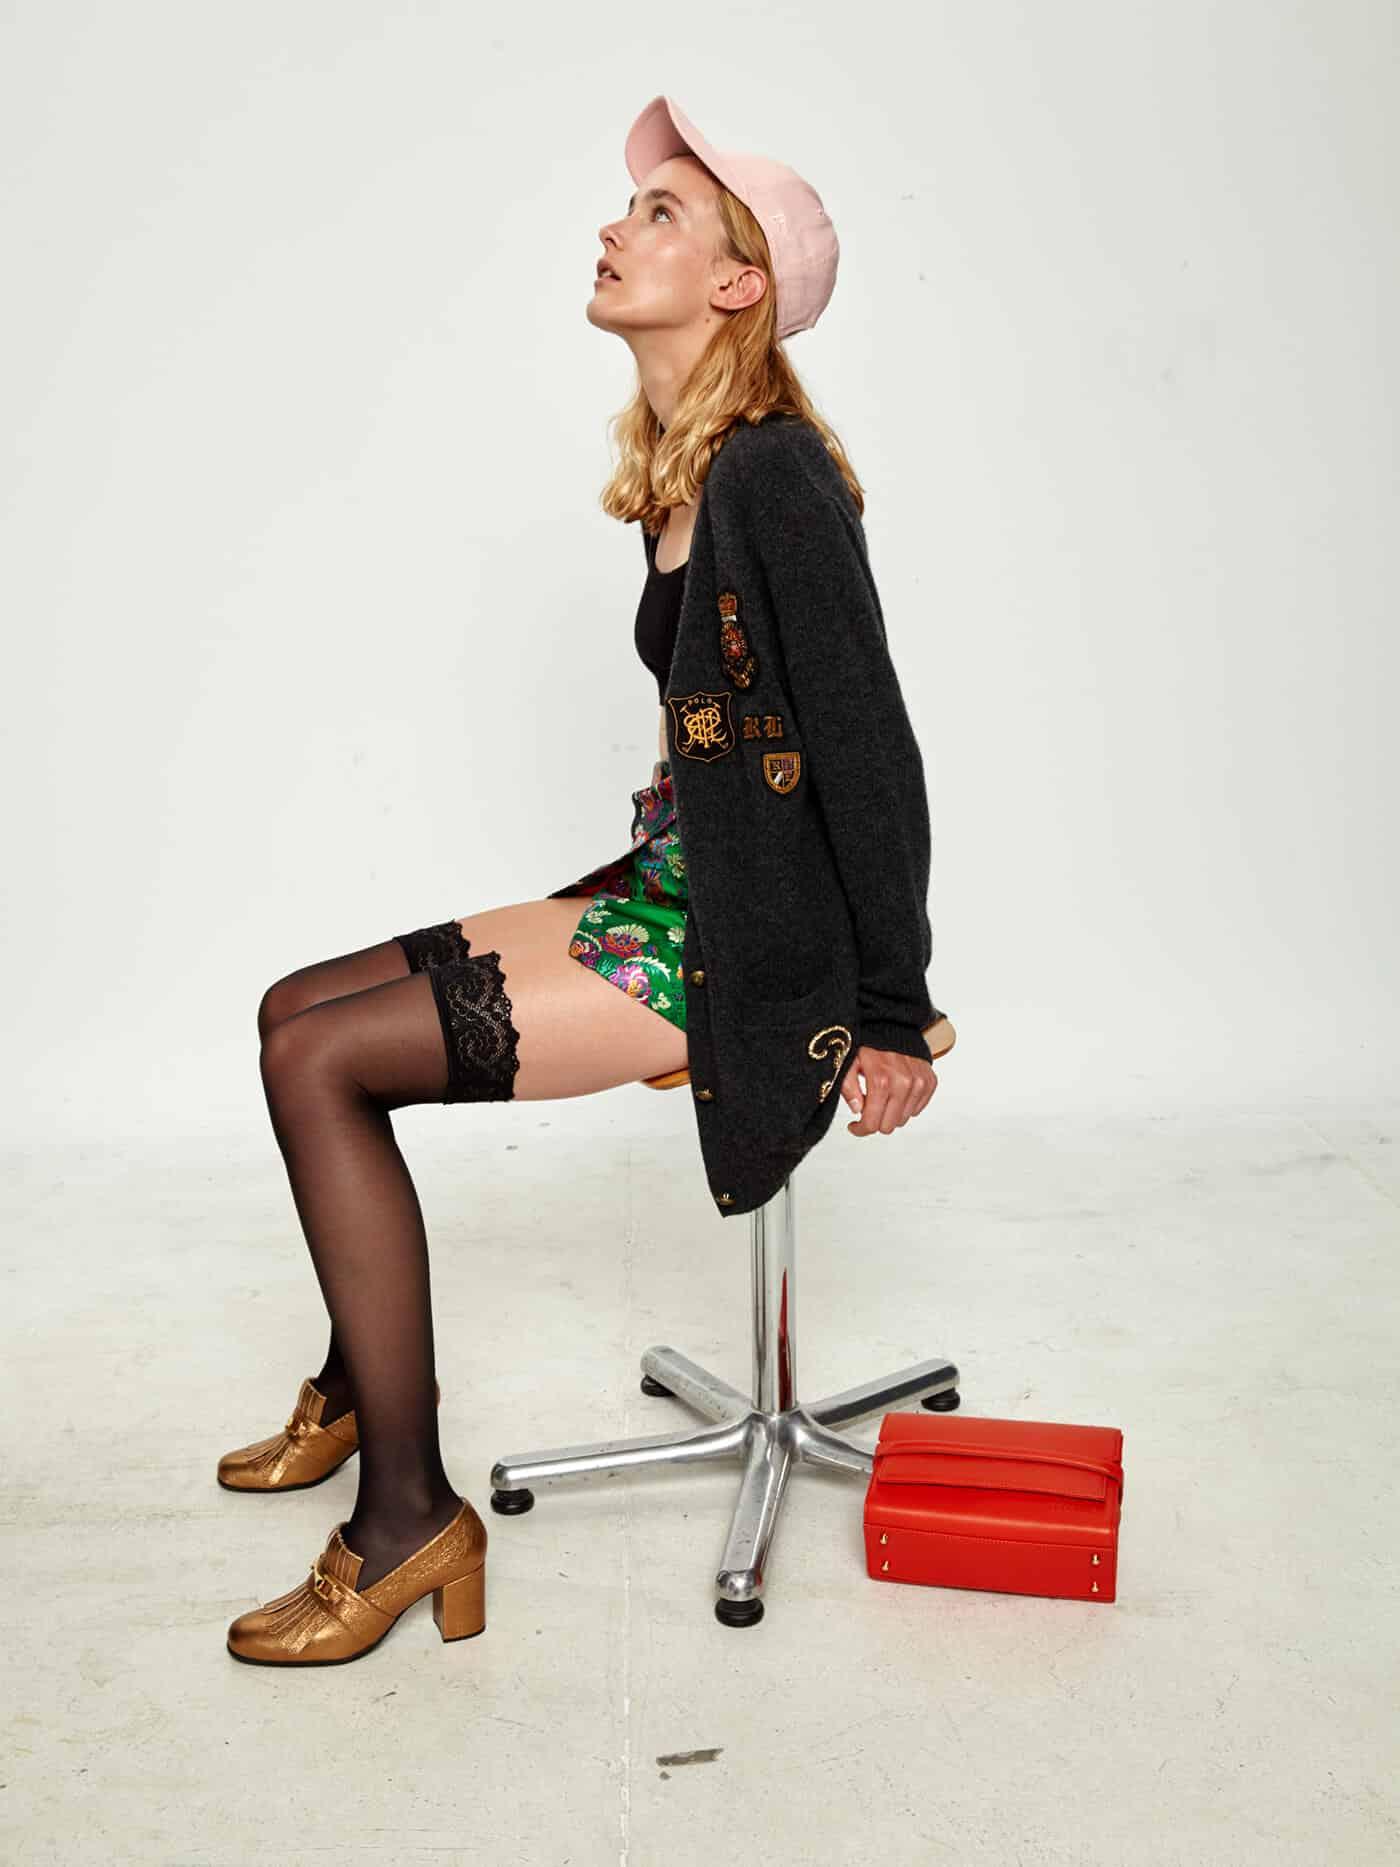 коллекции нестандартной моды 2017, фото 4